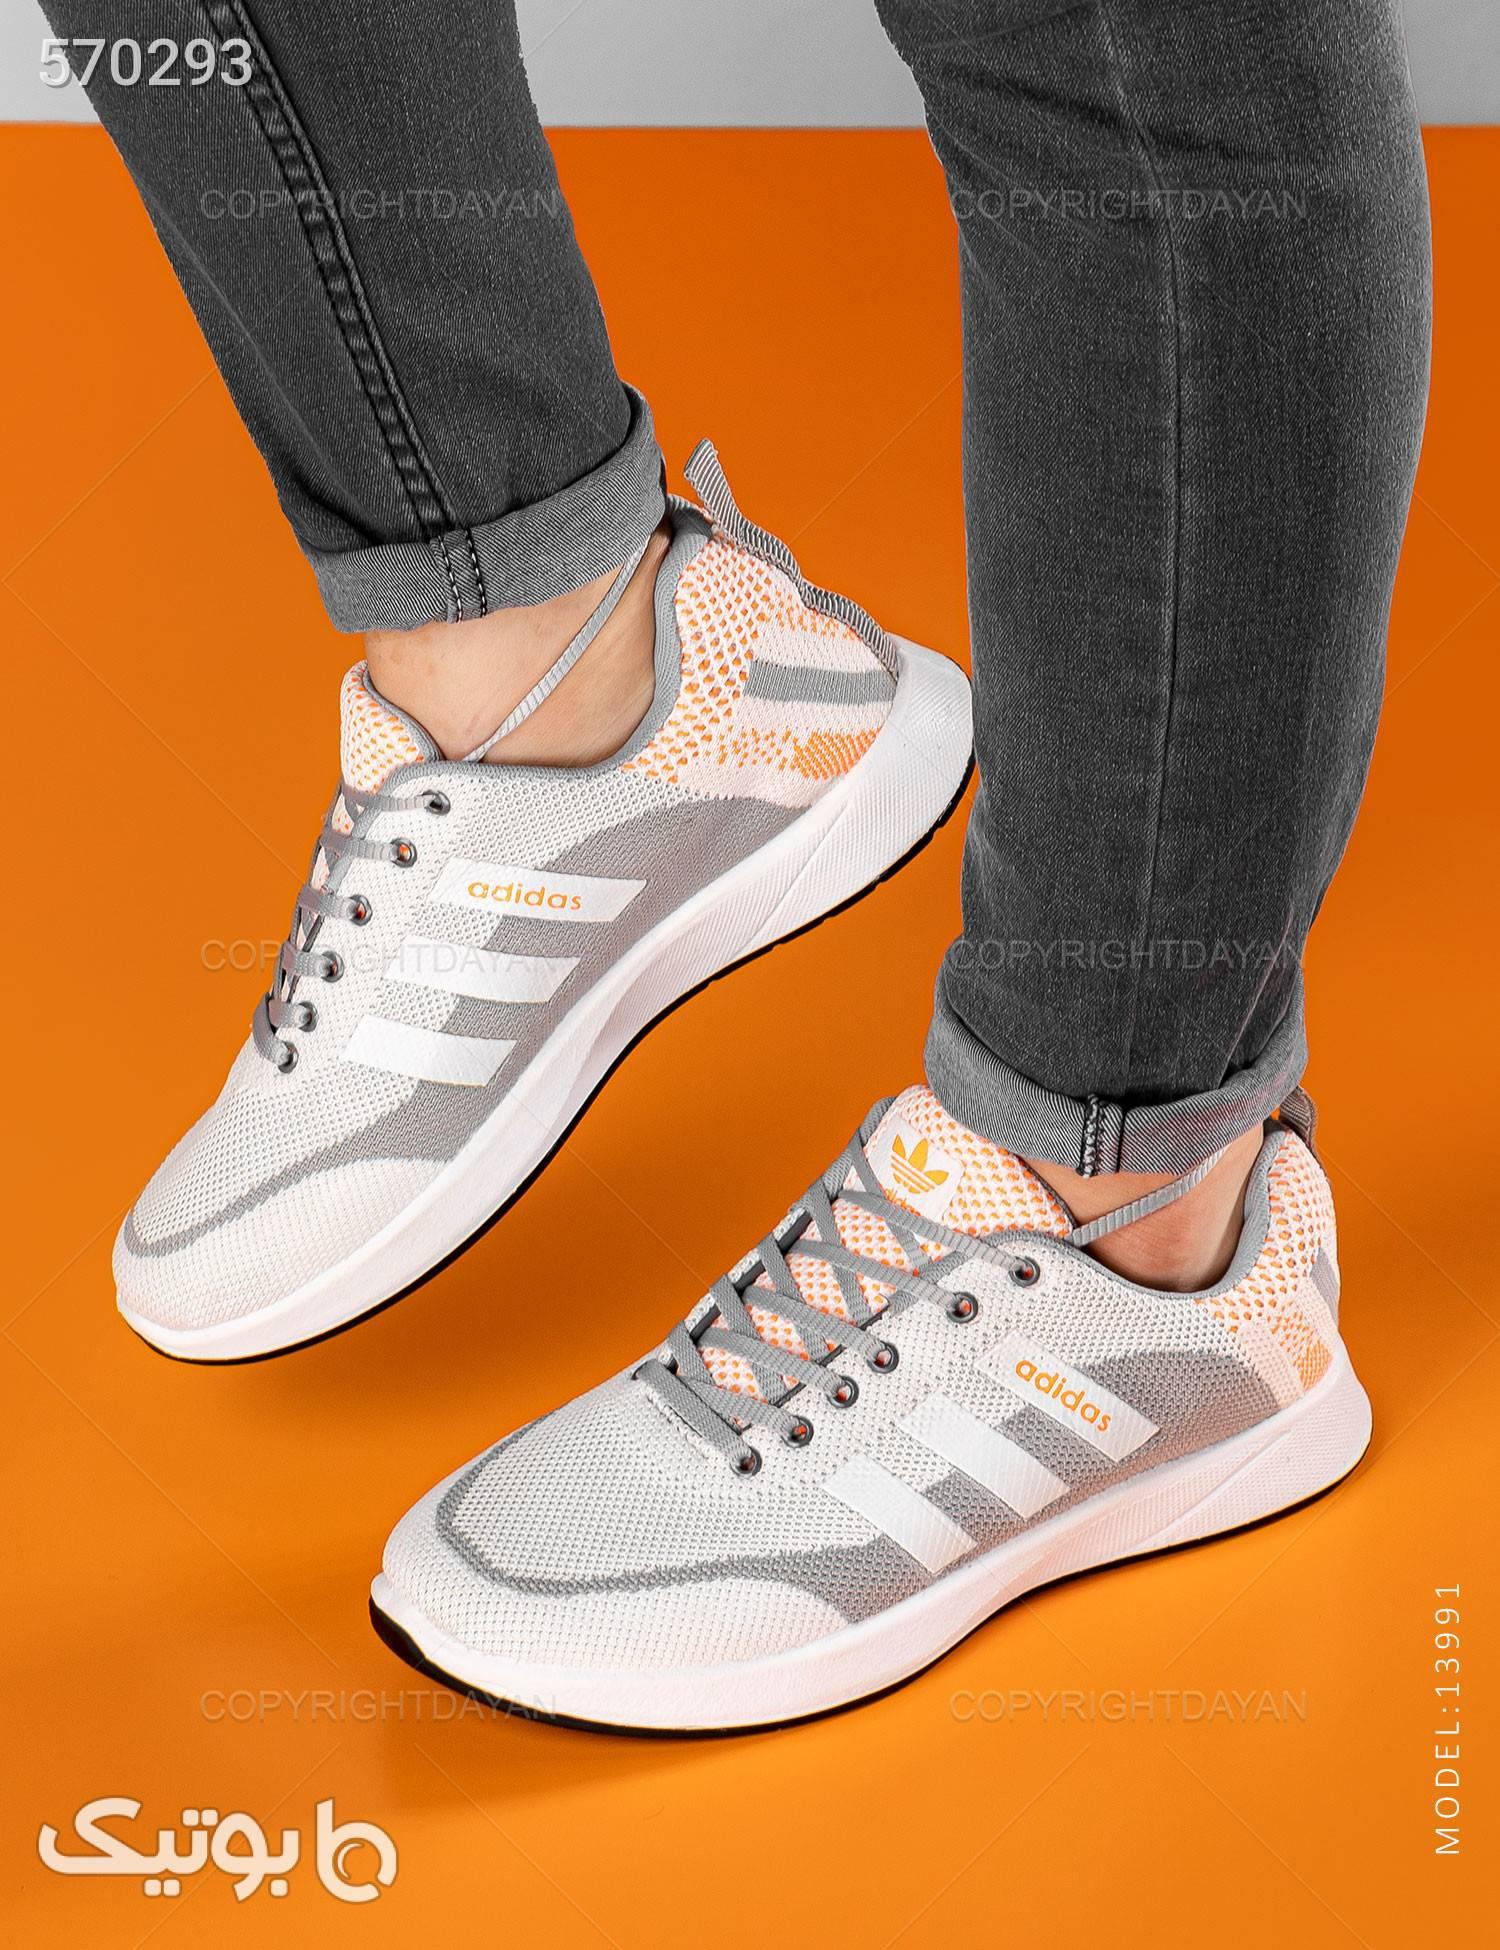 کفش روزمره  Adidas مدل 13991 سفید كتانی مردانه